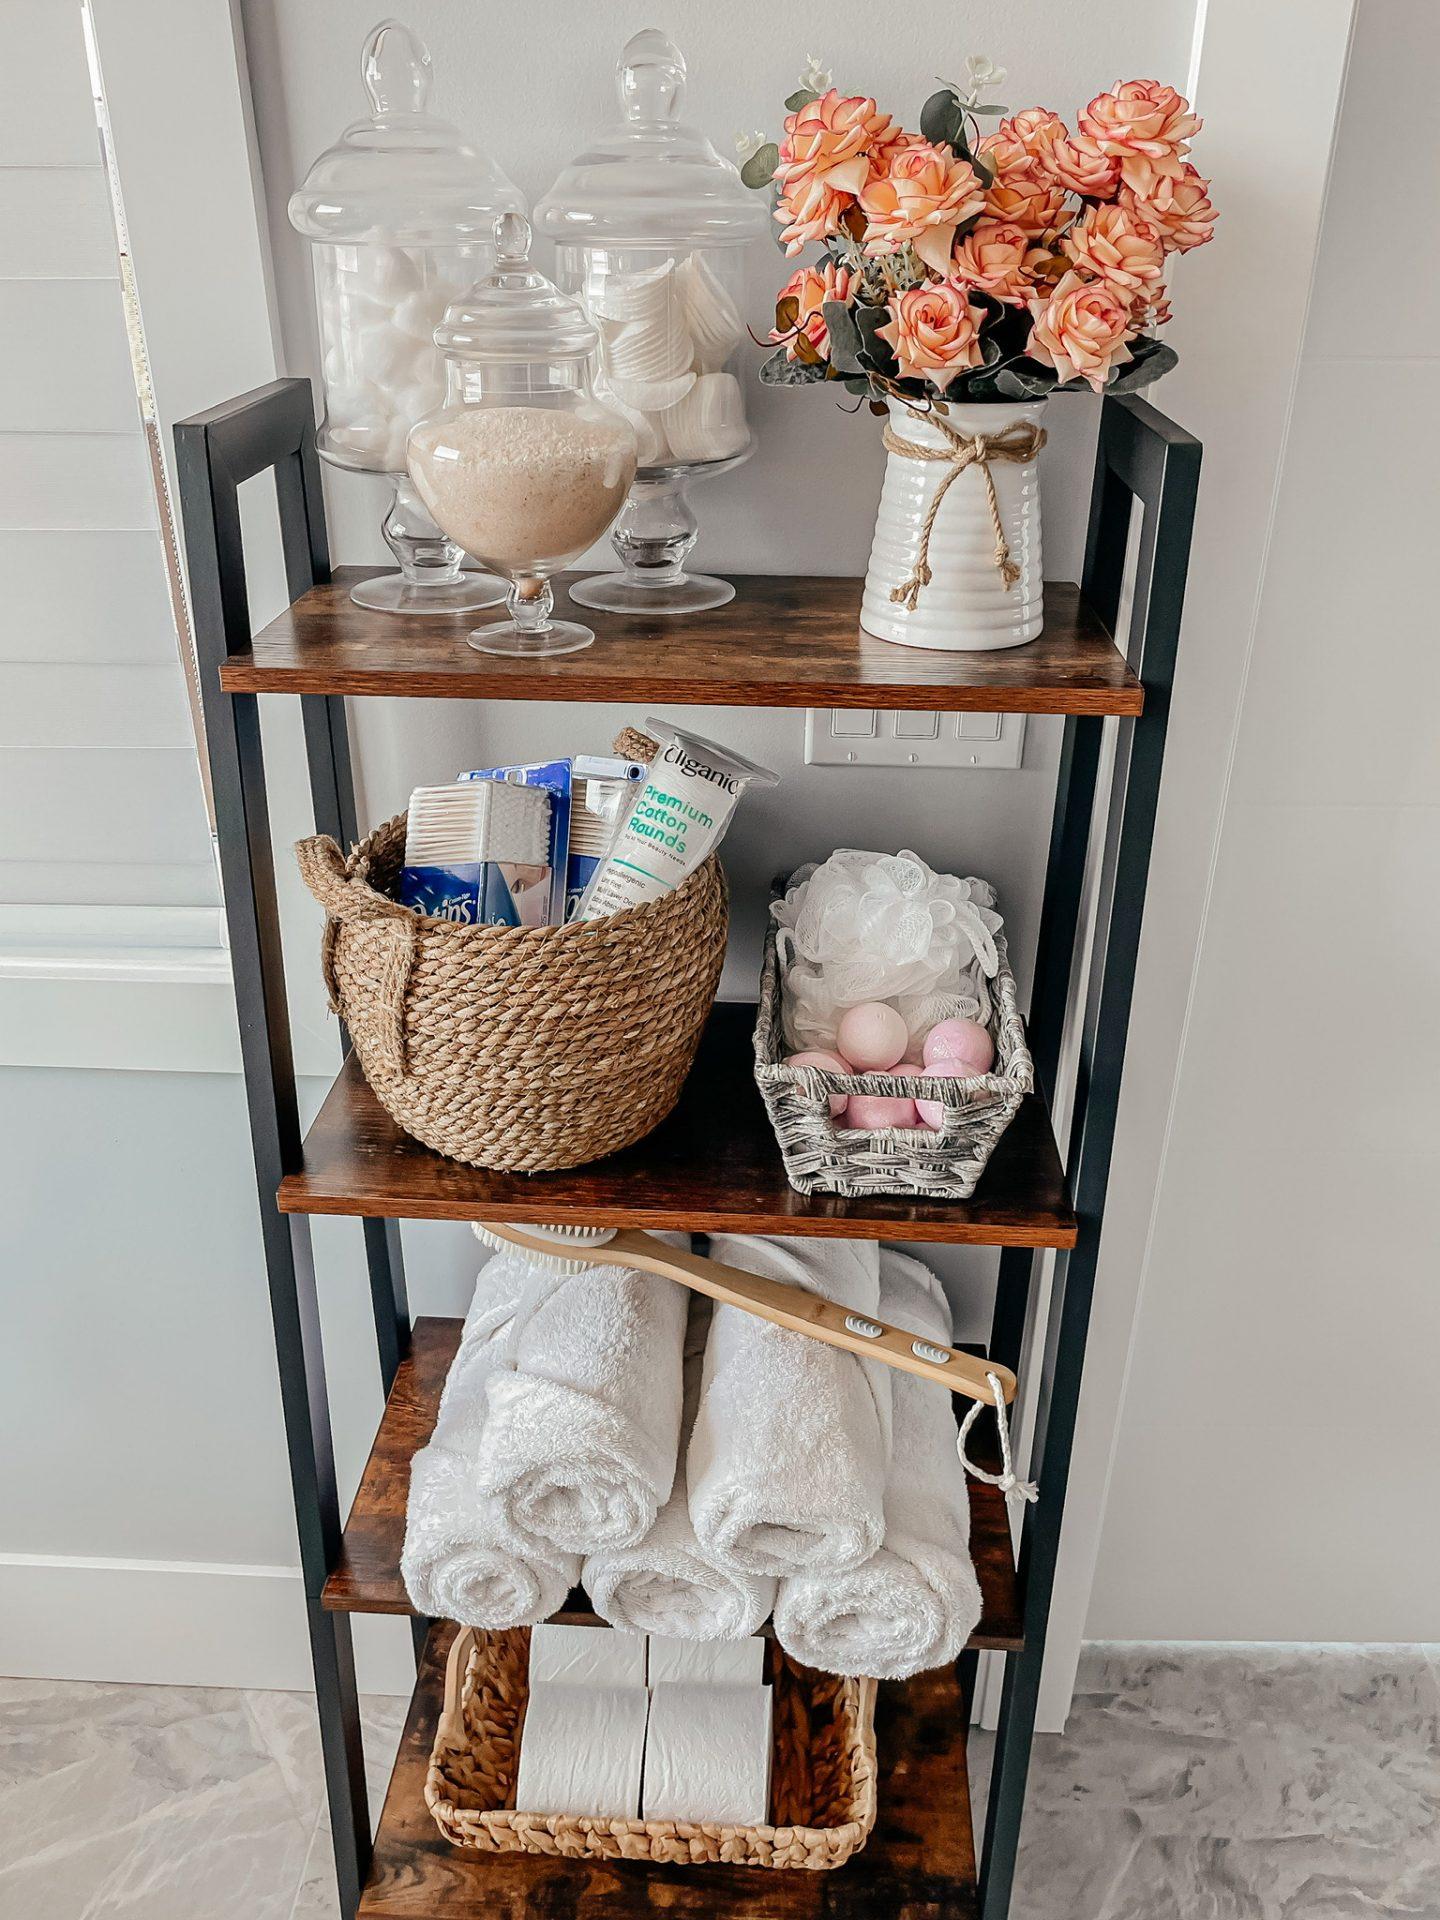 Bathroom Organization Ladder from Amazon